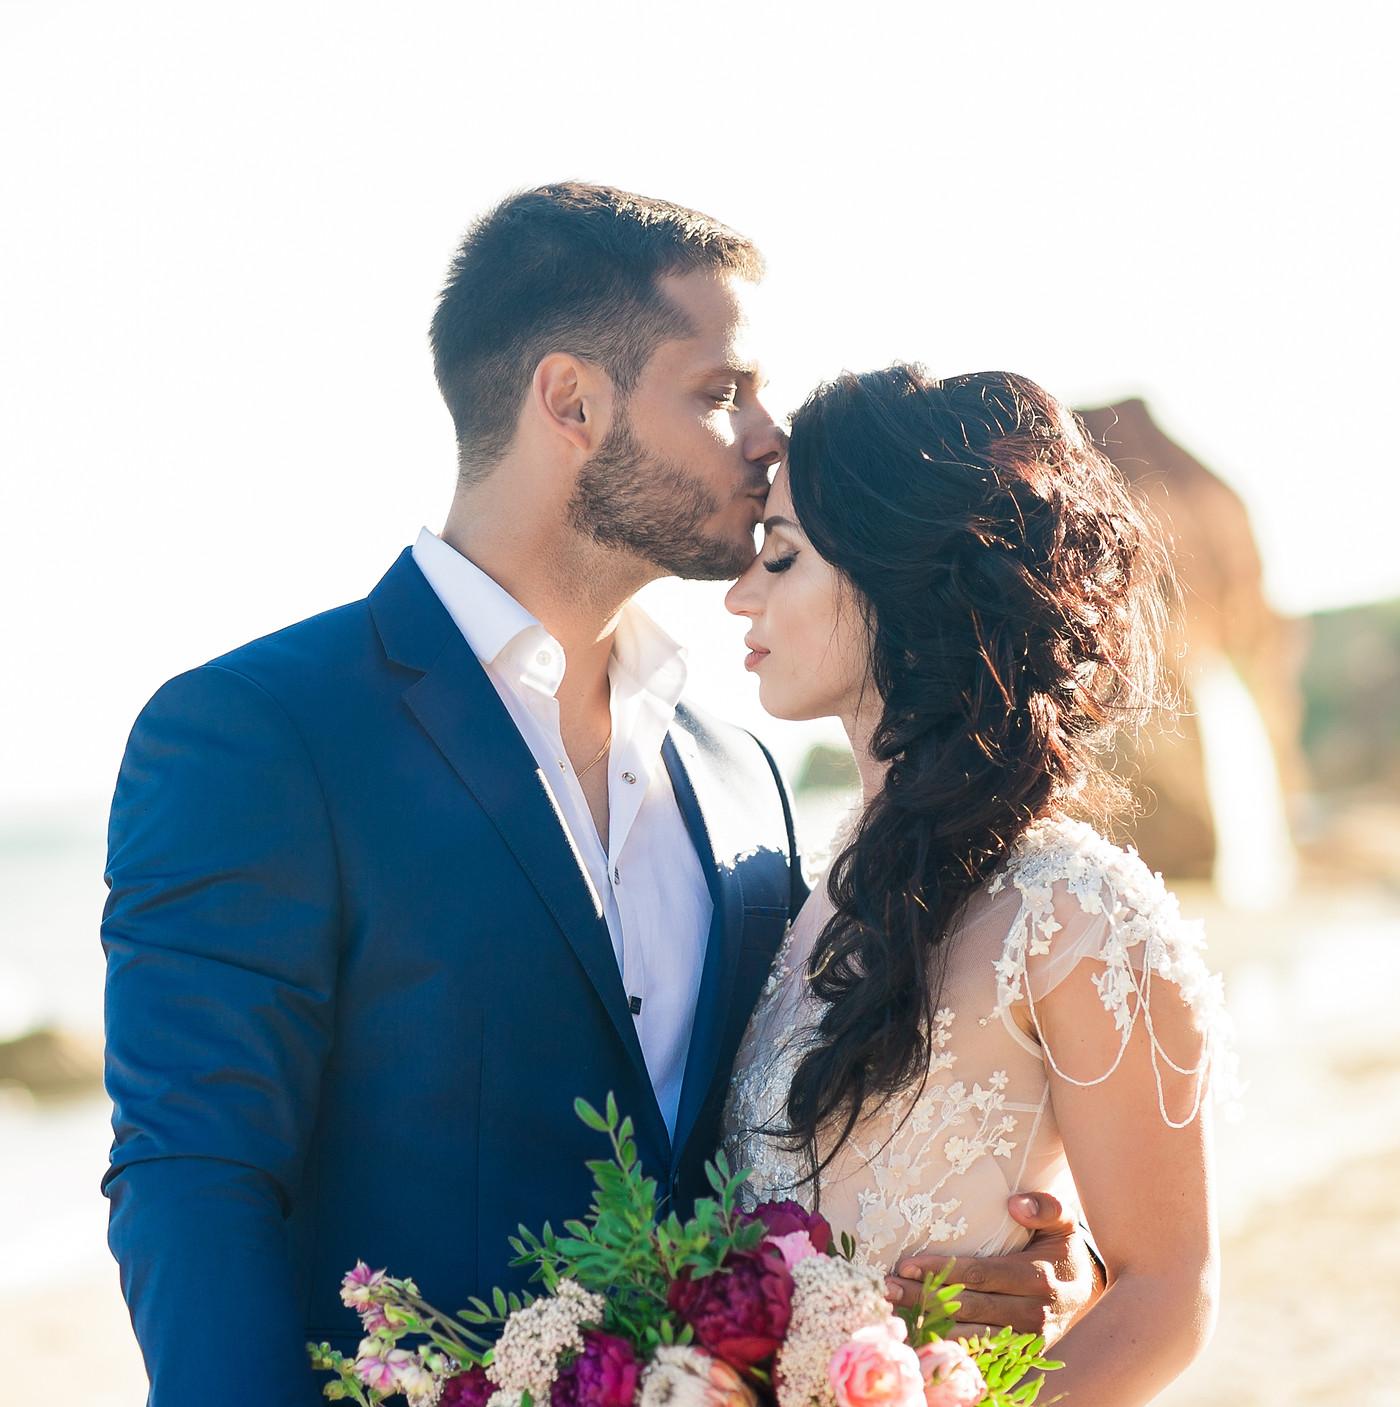 wedding couple. Beautiful bride and groo